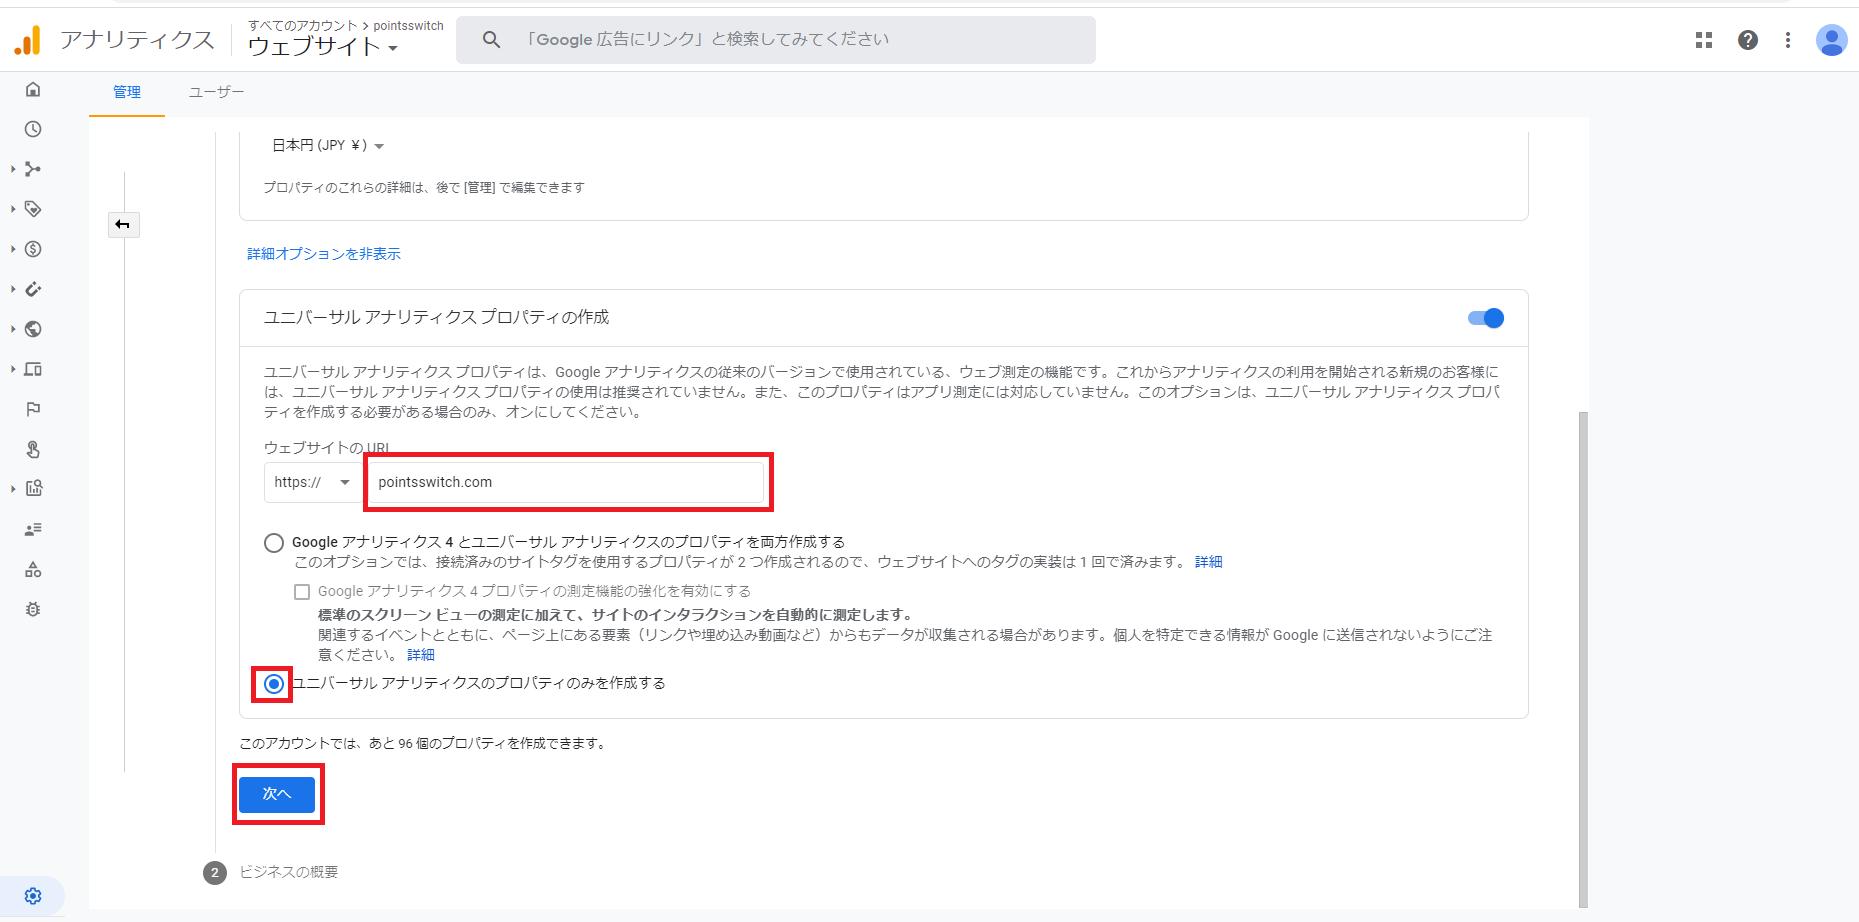 5.ホームページのドメインを入力し、「ユニバーサルアナリティクス プロパティのみを作成する」を選択し、「次へ」をクリックしてください。